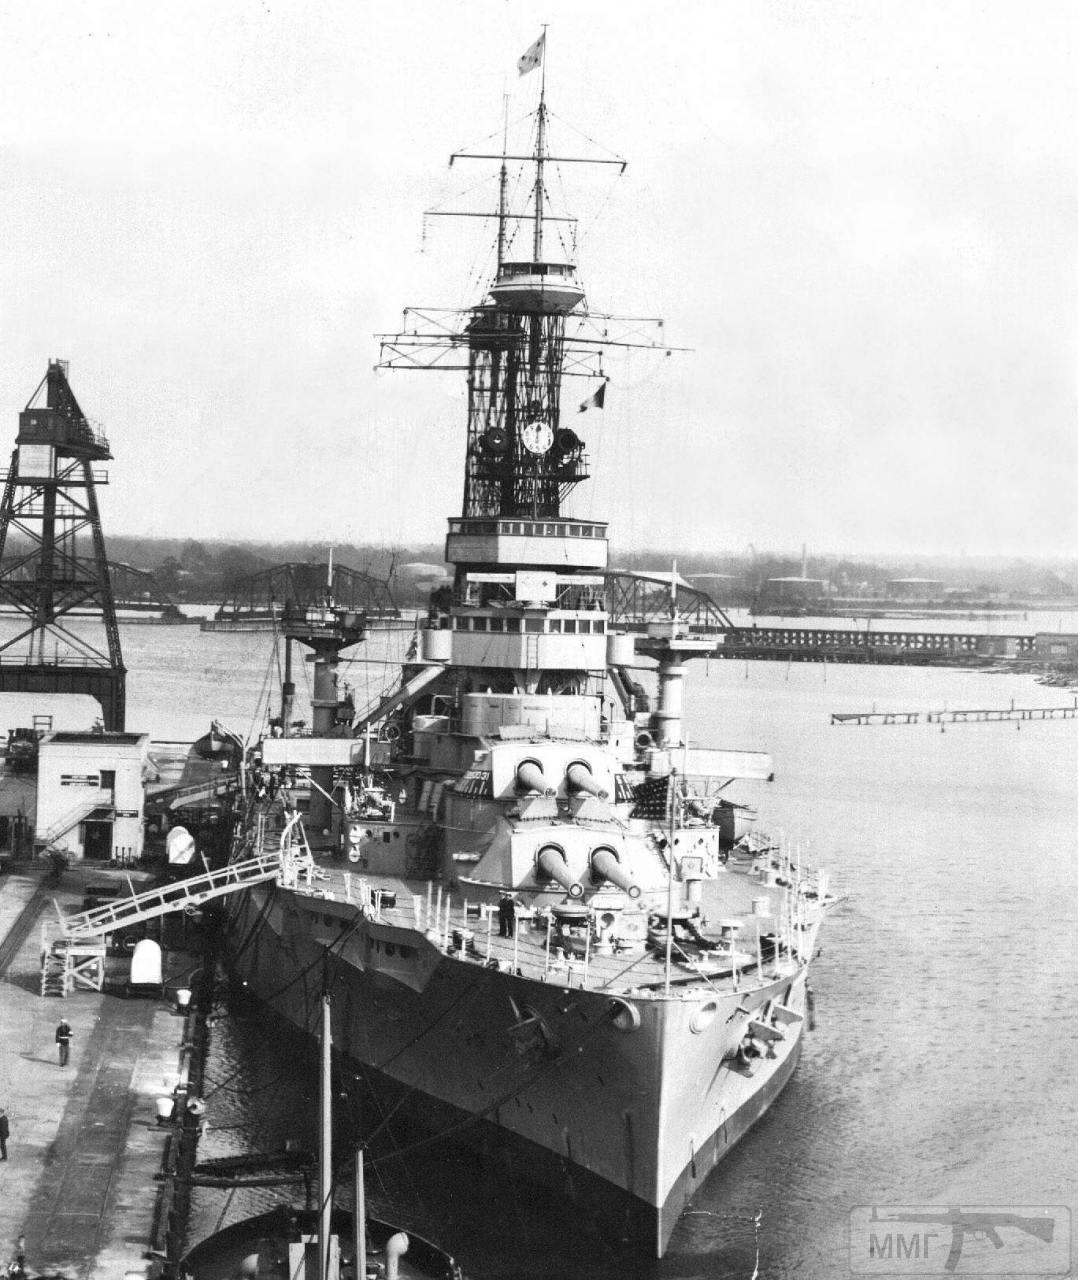 99021 - USS New York (BB-34)